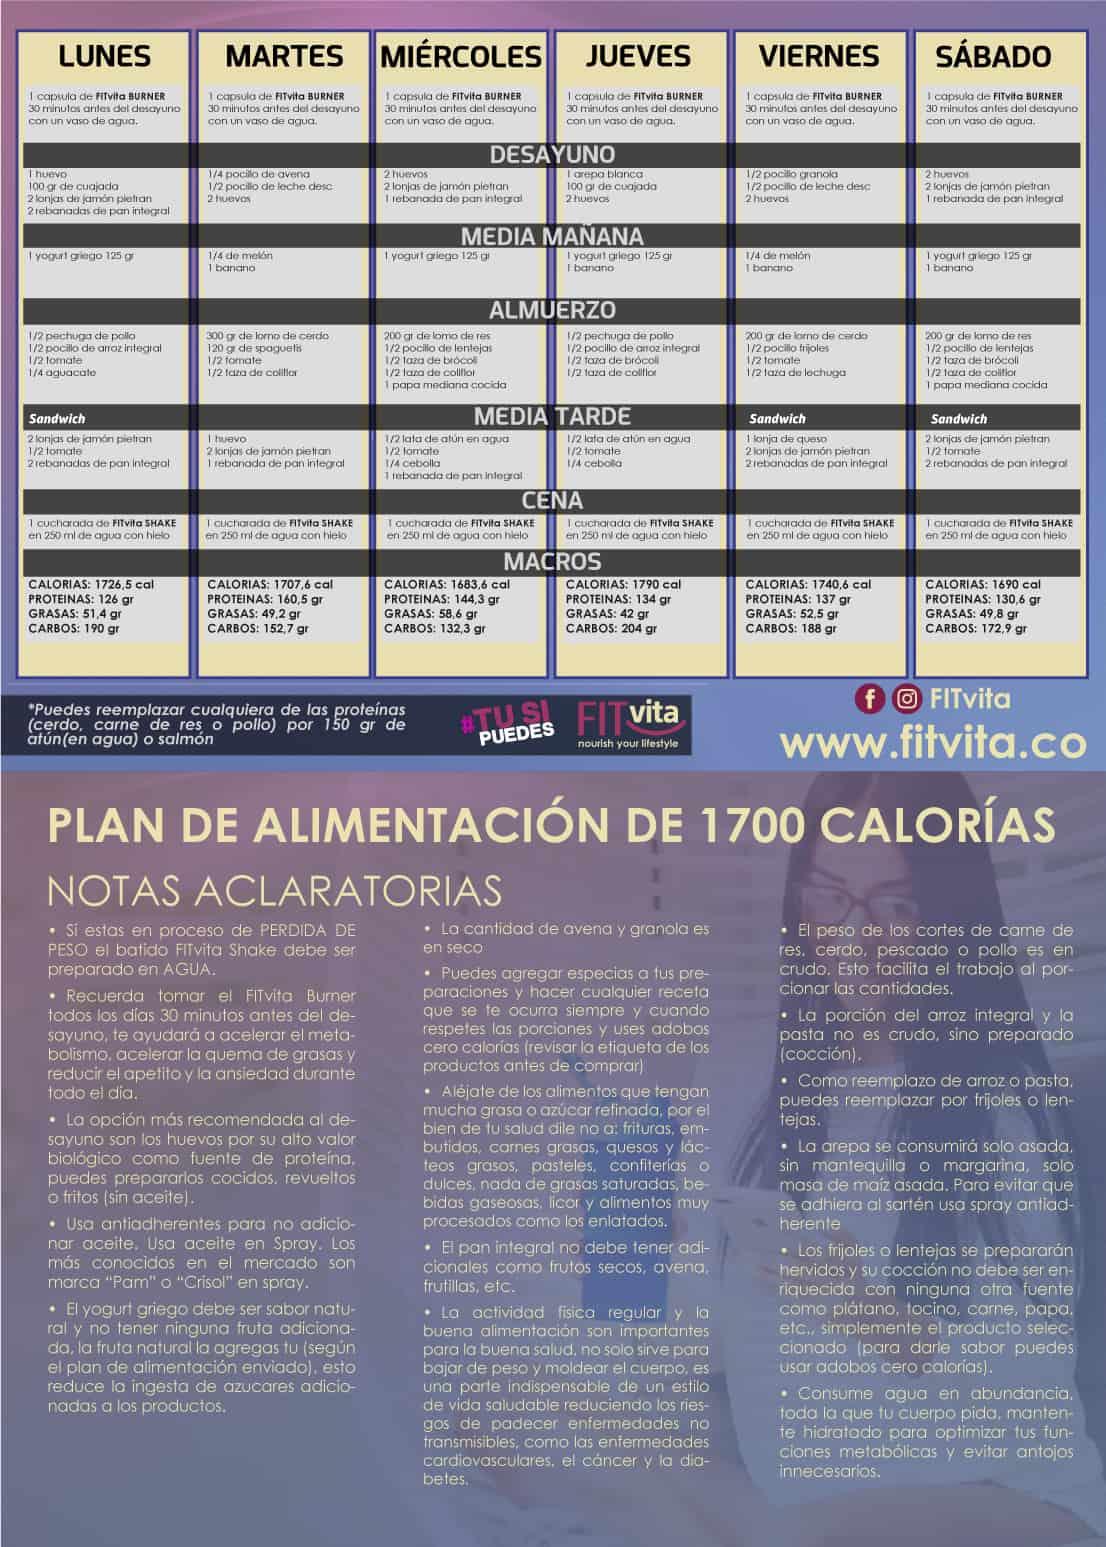 plan de alimentación de 1700 calorías - FITvita